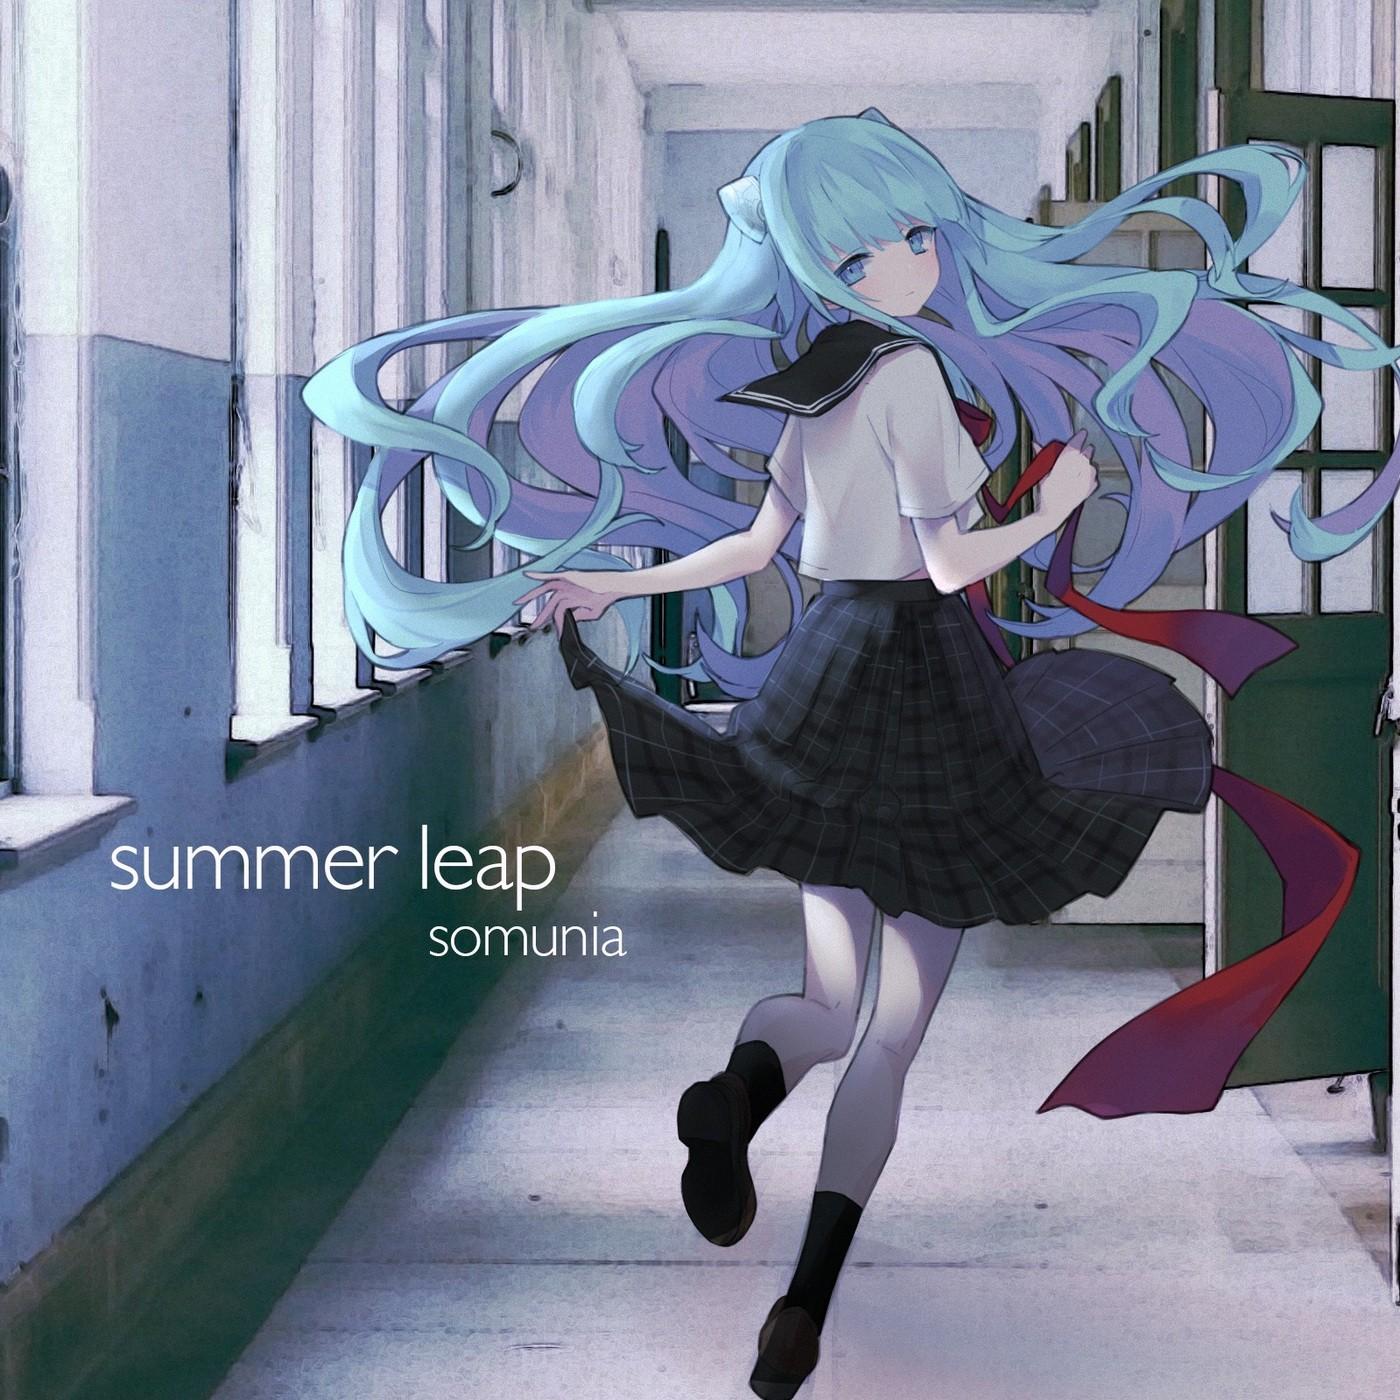 somunia – summer leap [FLAC + MP3 320 / WEB] [2018.09.01]